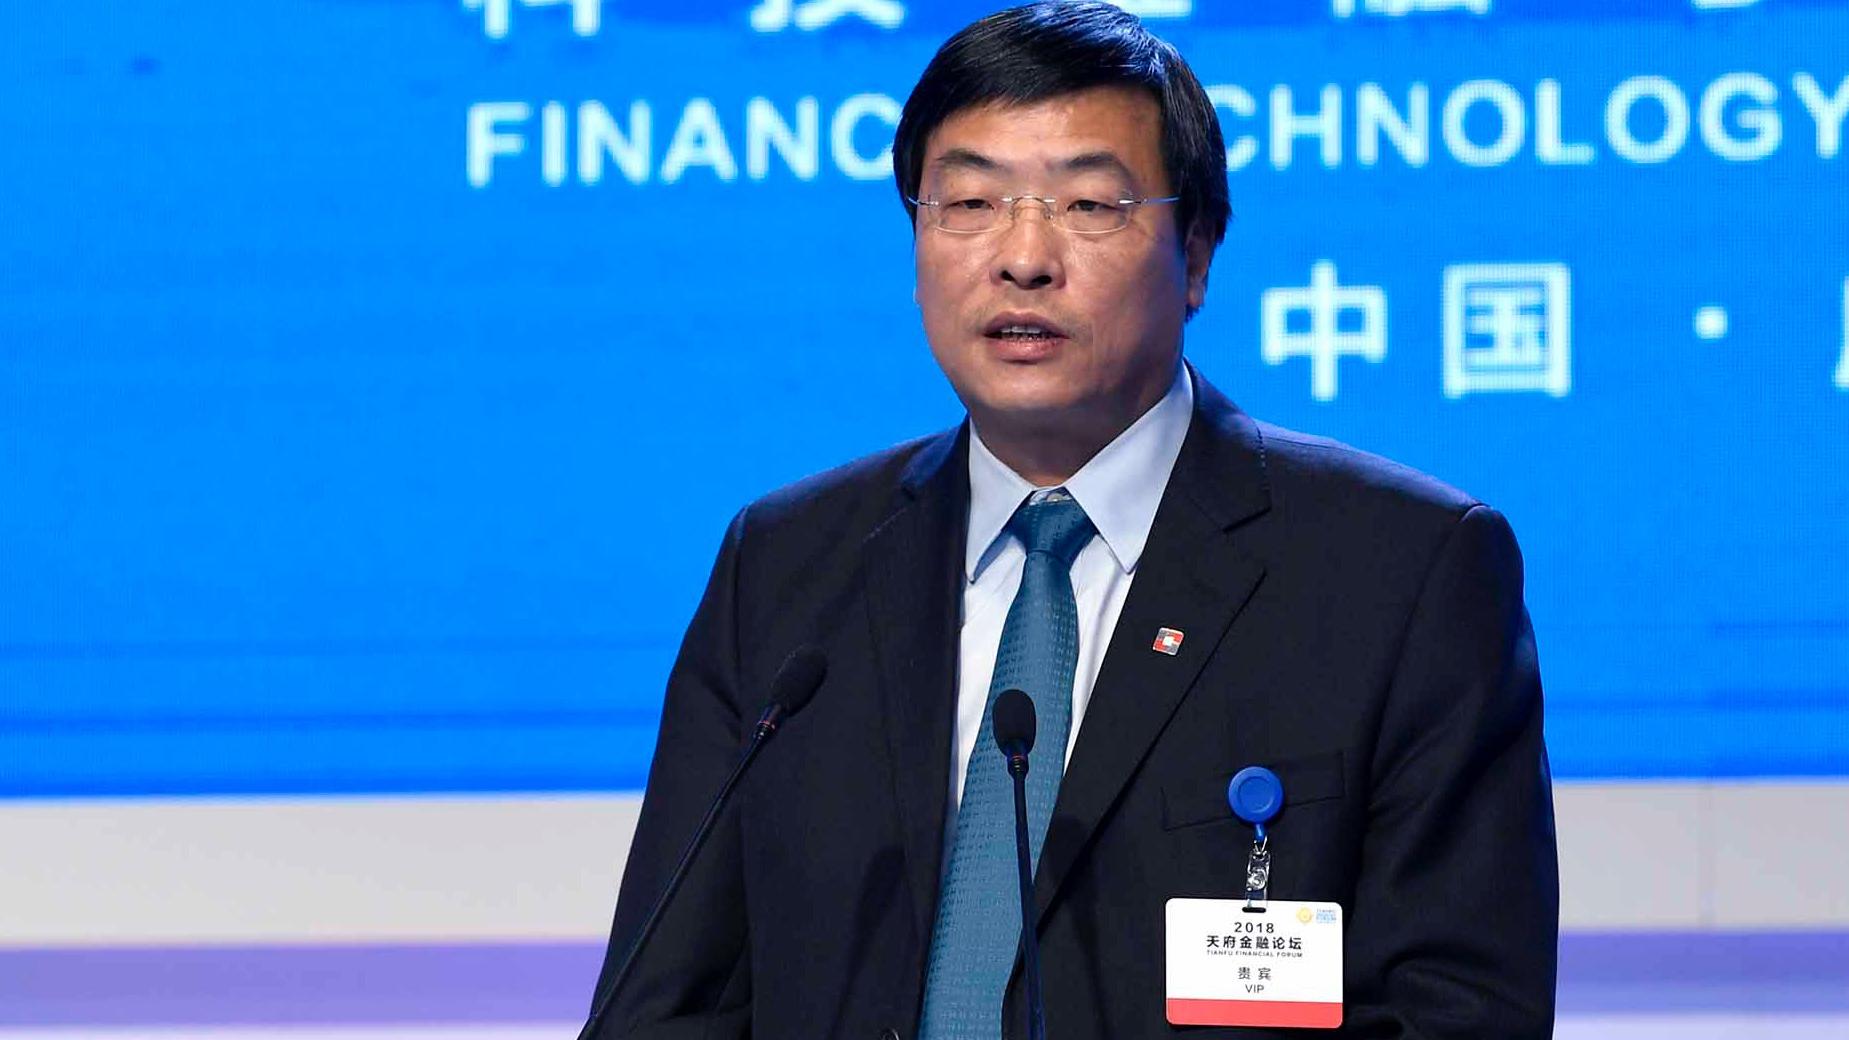 国家开发银行原评审二局资深专家张林武。(Public Domain)